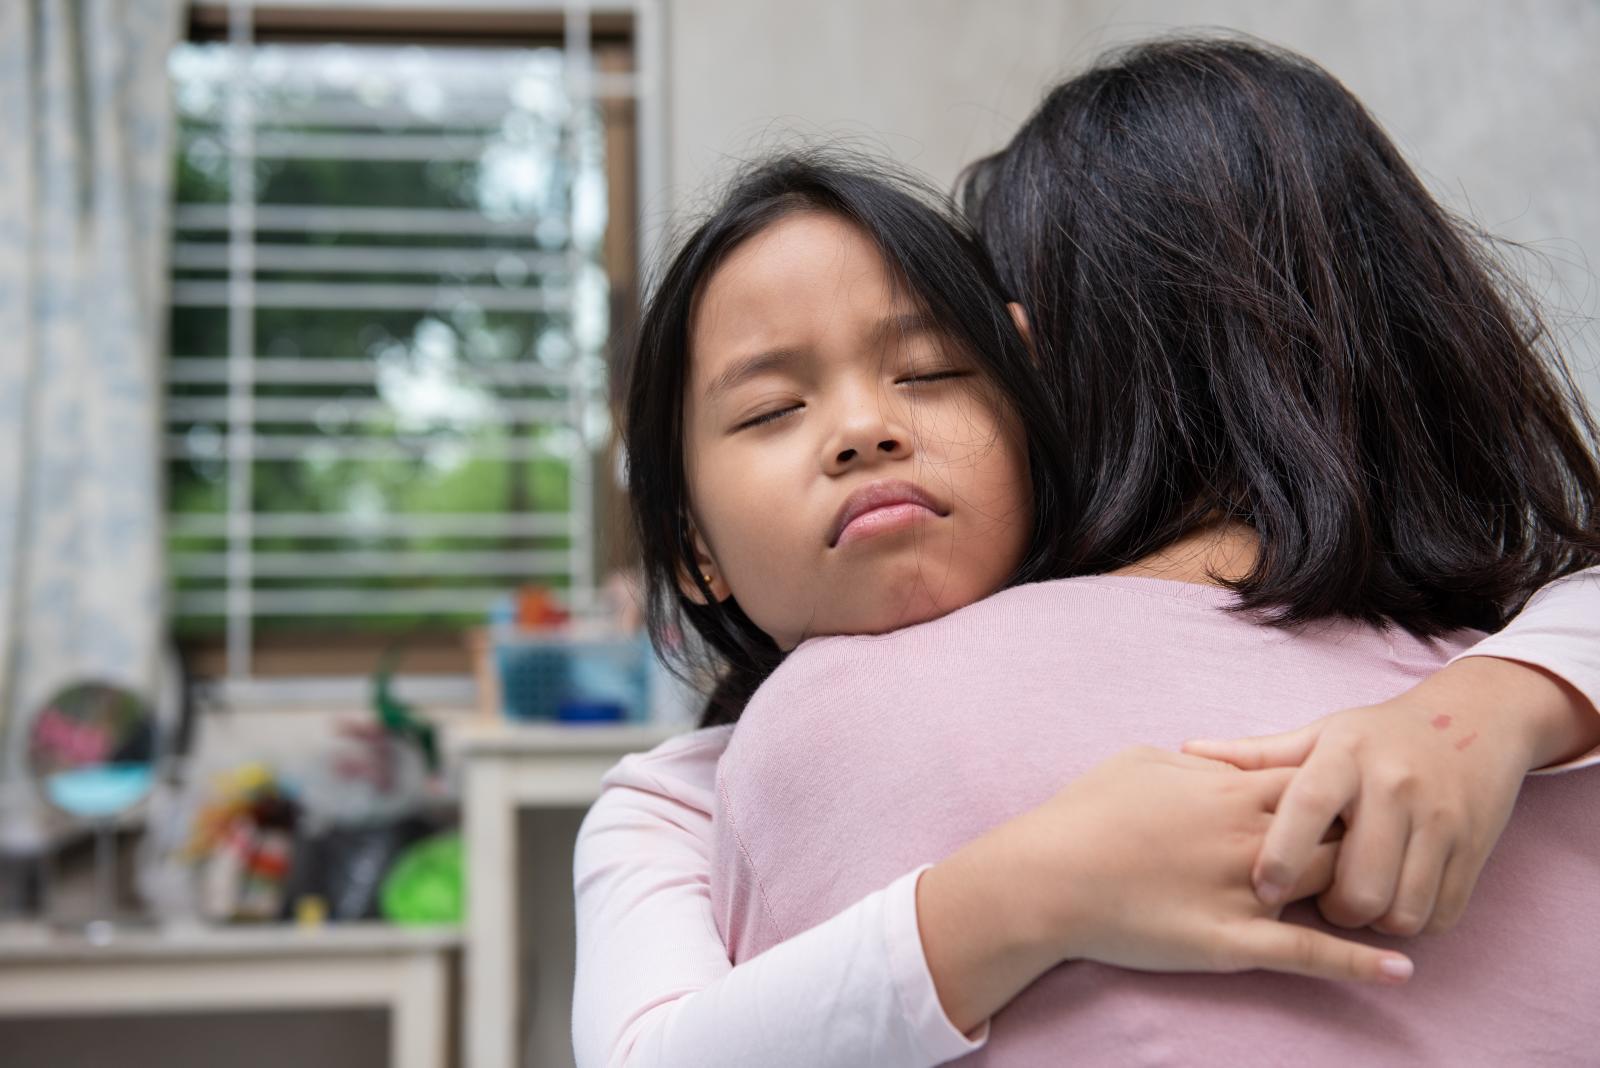 كيفية مساعدة الأطفال على التعامل مع الفقد والحزن